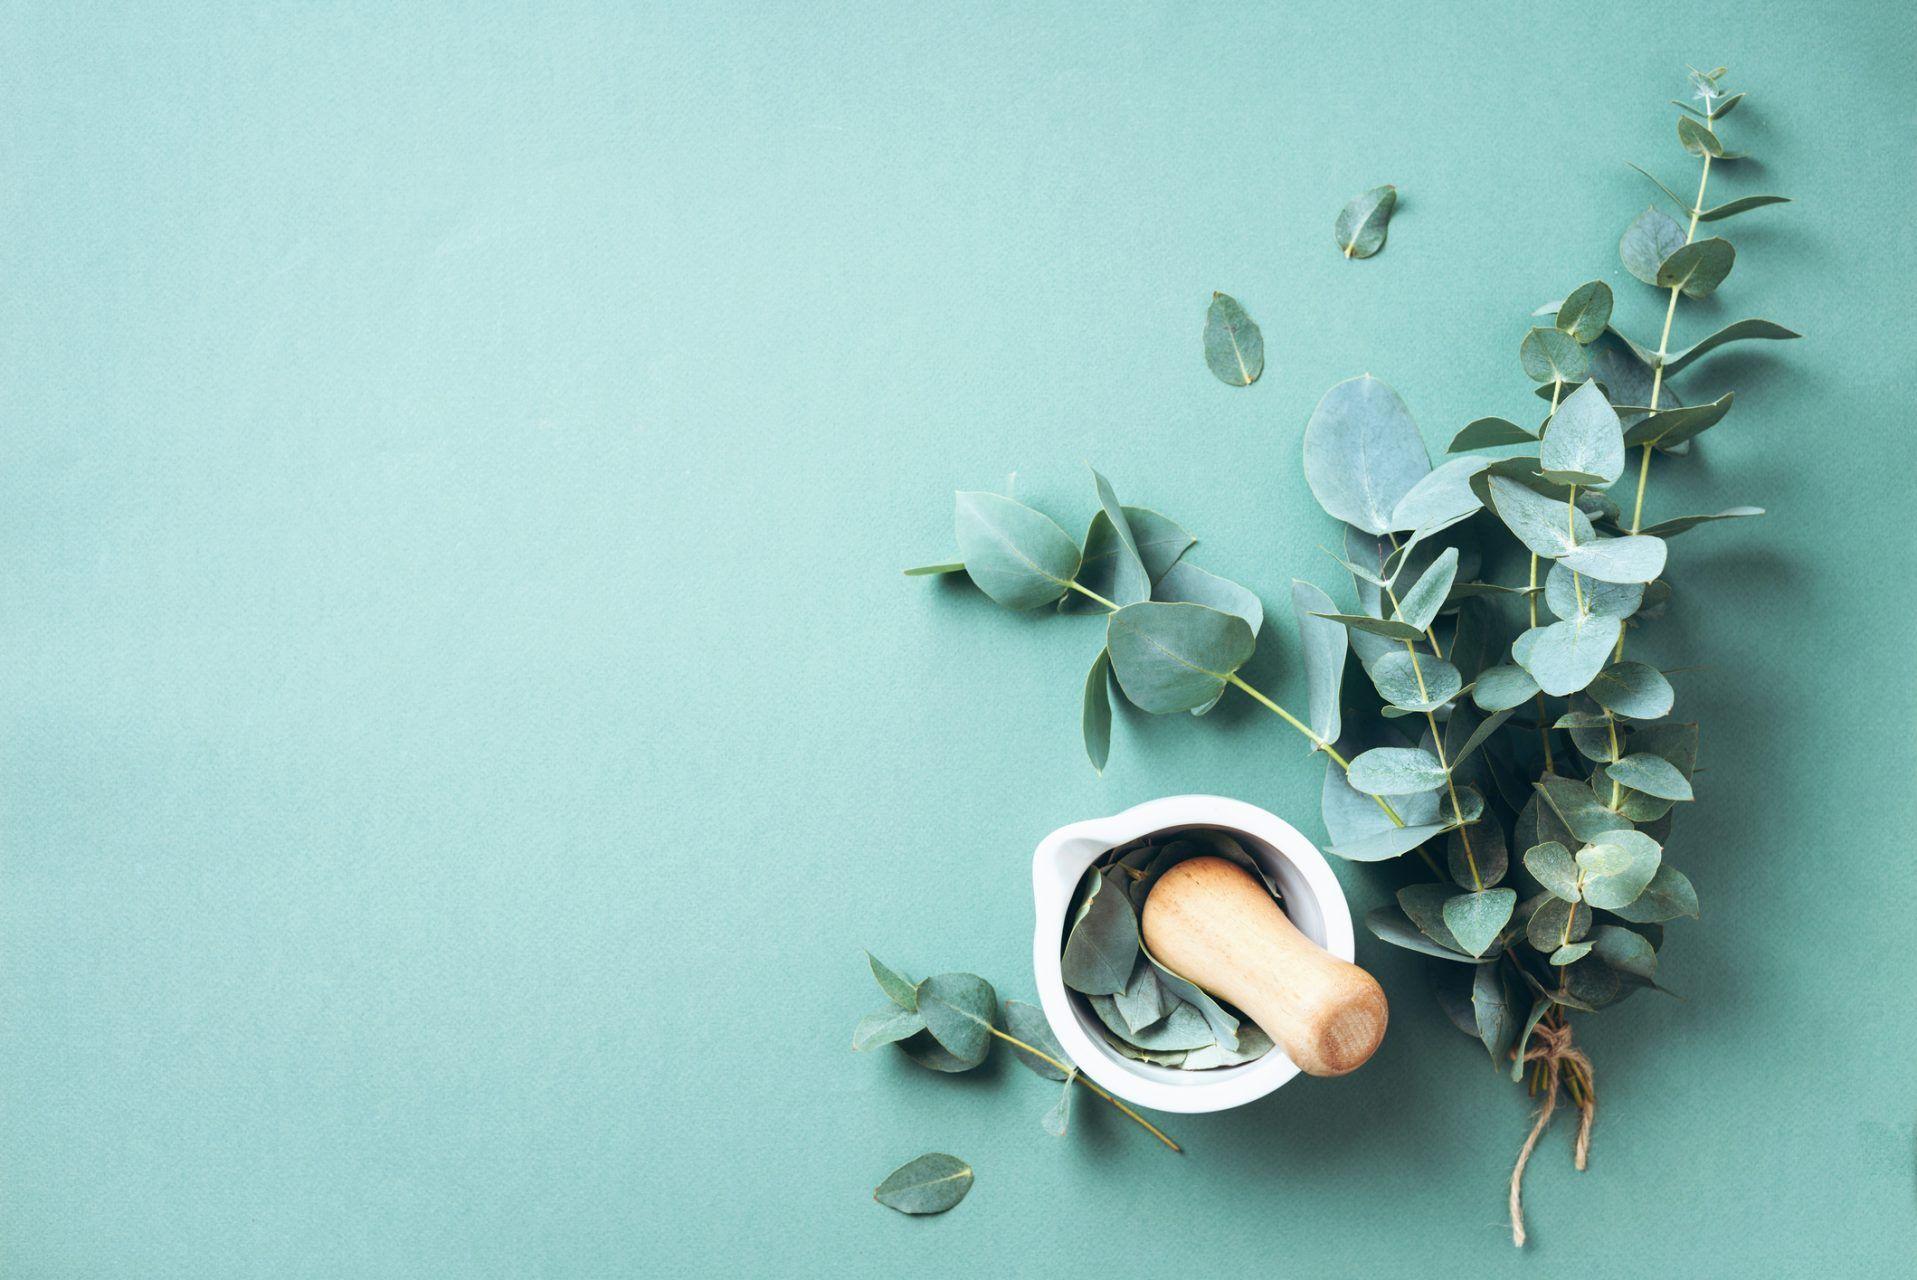 ¿Cuáles son los usos y beneficios de la medicina natural?